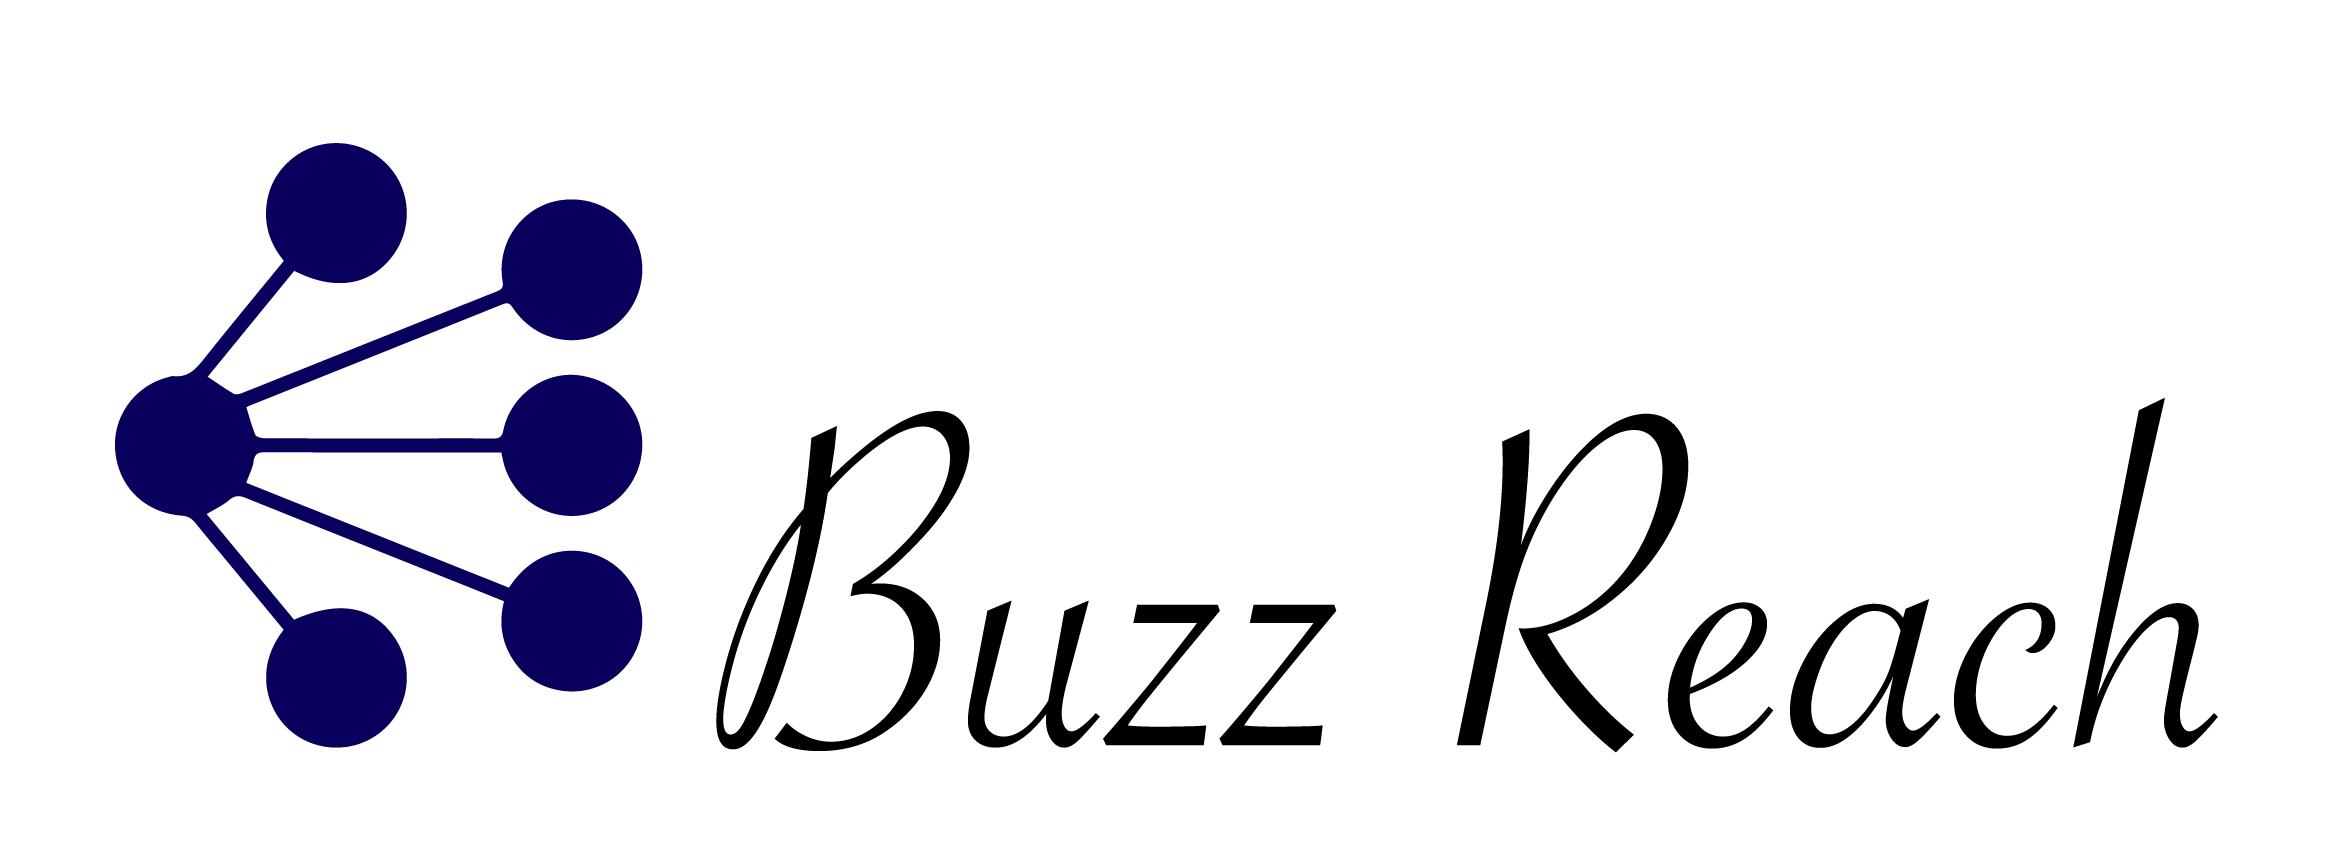 インフルエンサーマーケティングならBuzz Reach